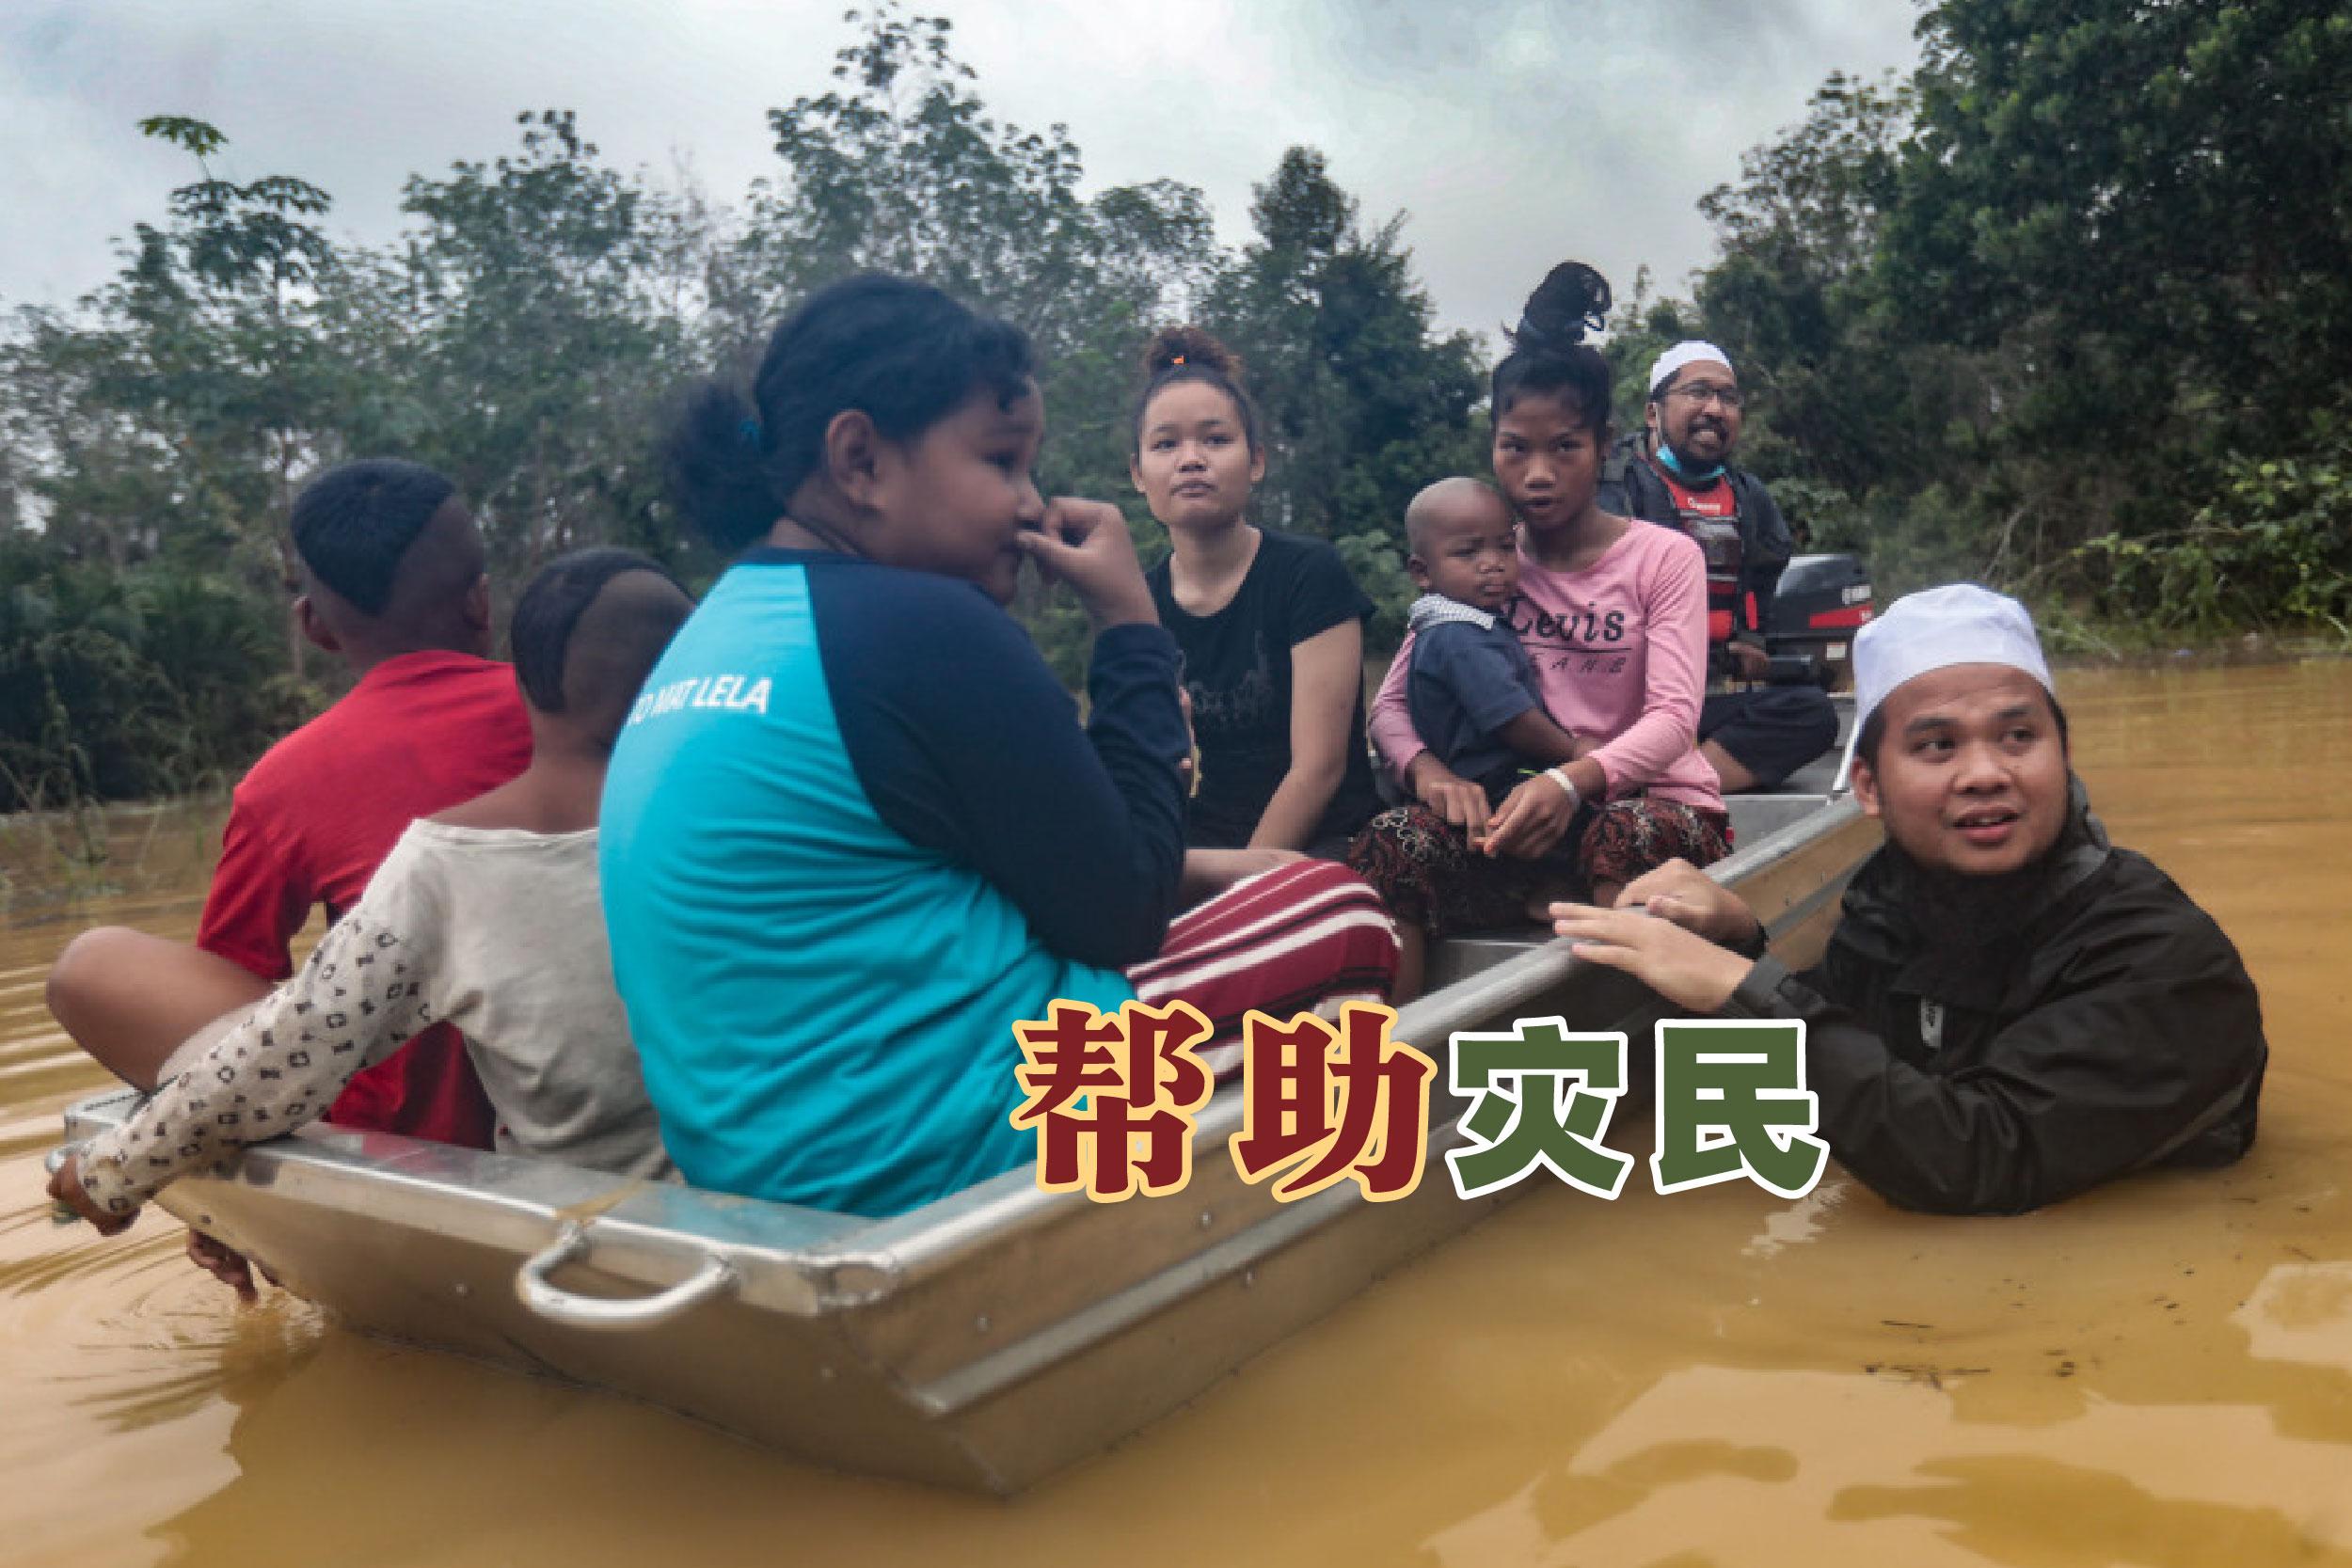 华裔传教士依比刘前往甘榜帕罗希奈分发食物和必需品。-图取自Ebit Lew脸书/精彩大马制图-